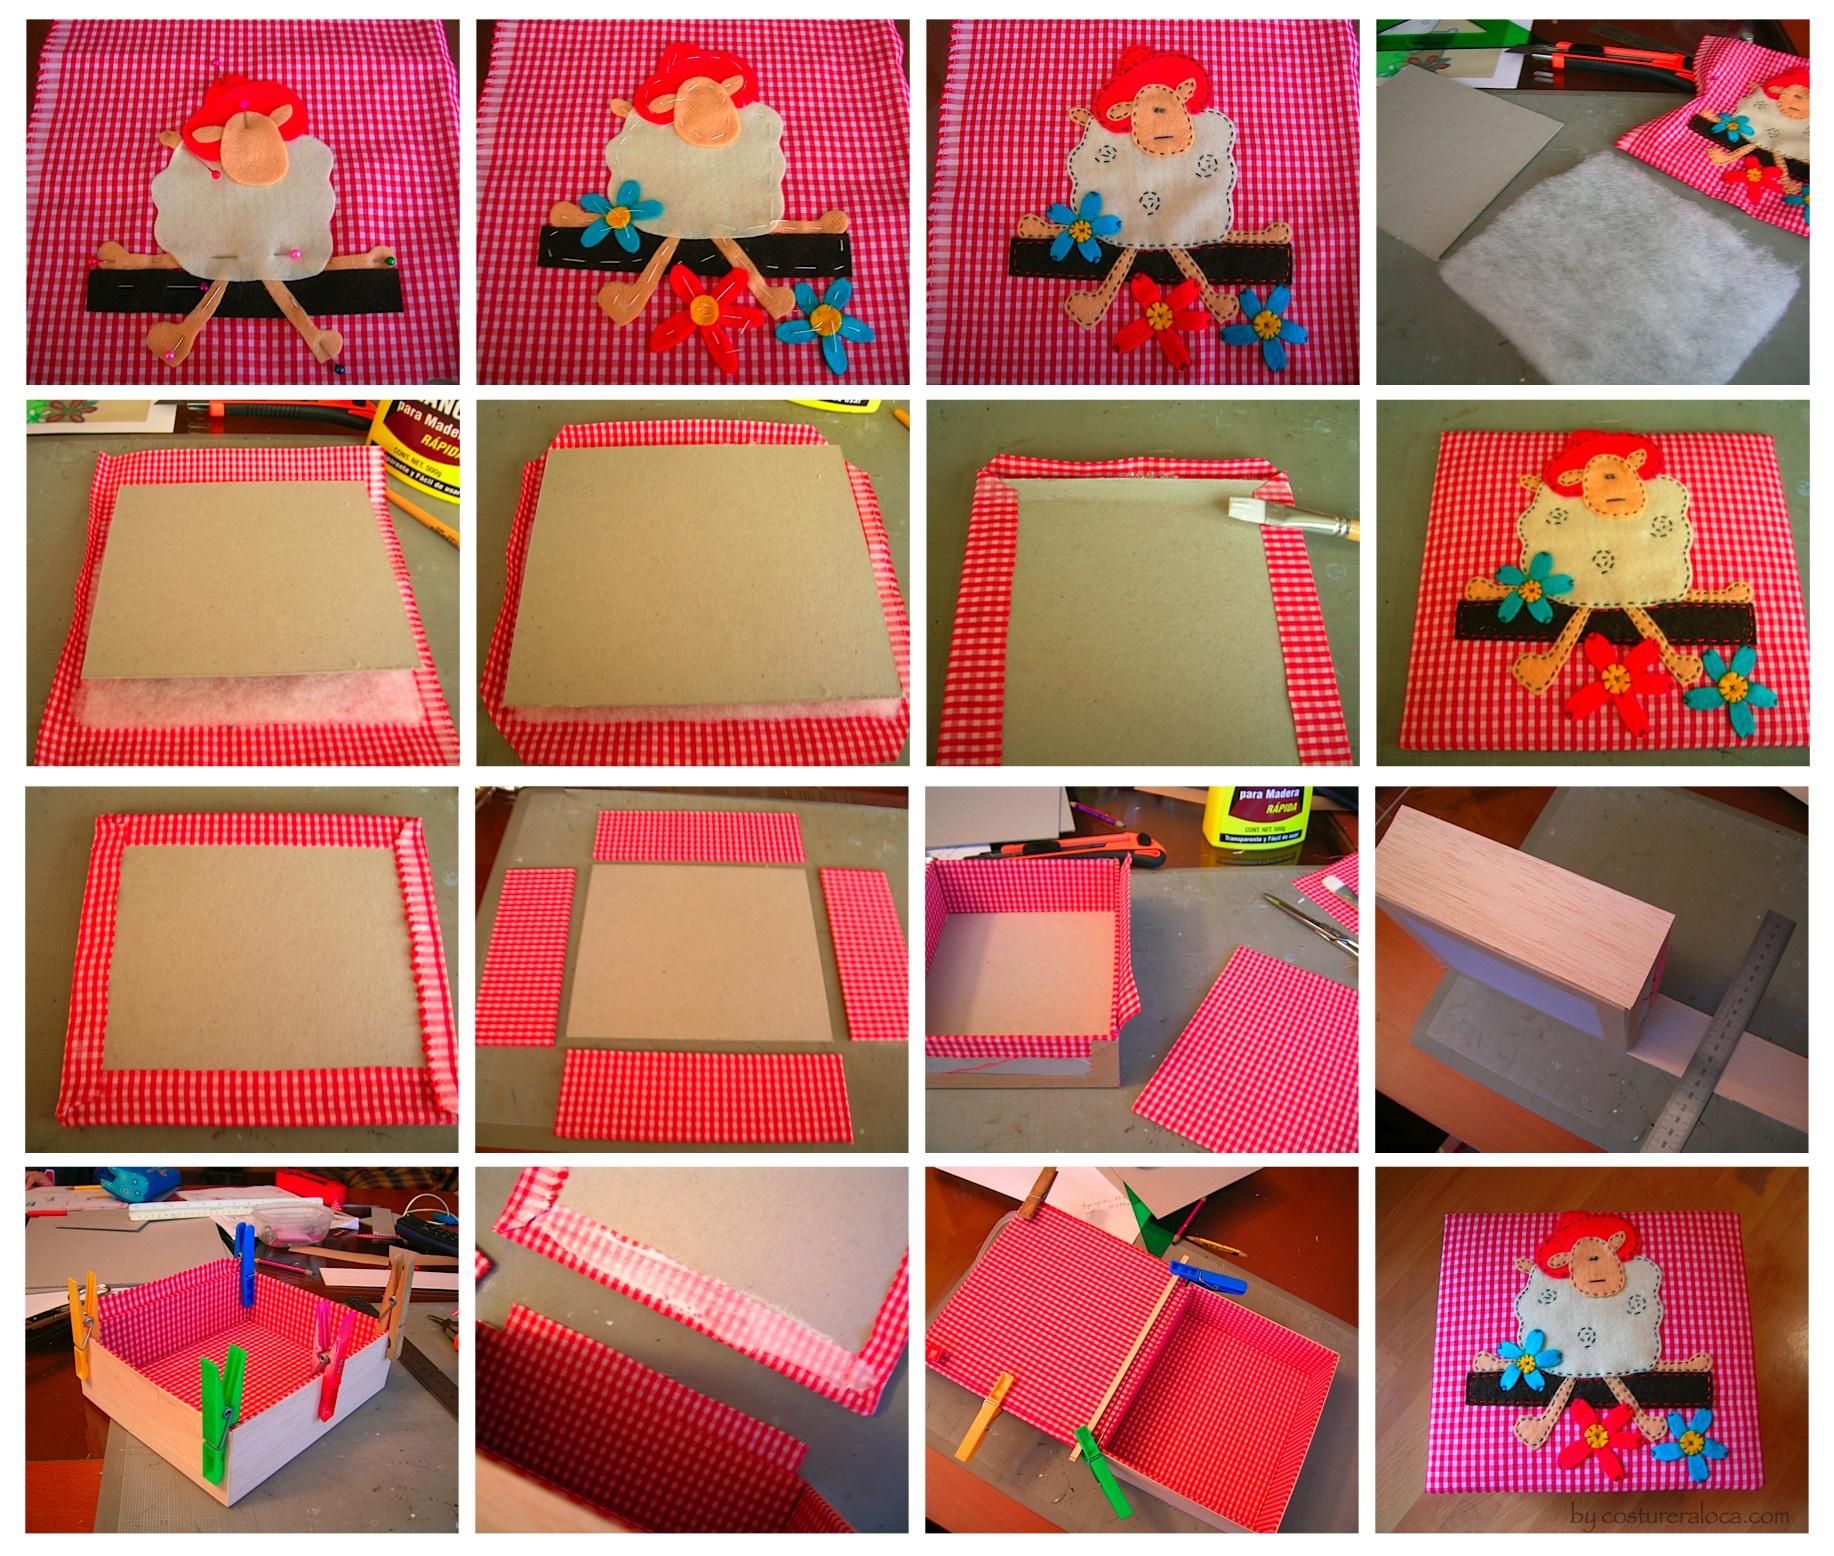 como hacer cajas decorativas paso a paso imagui